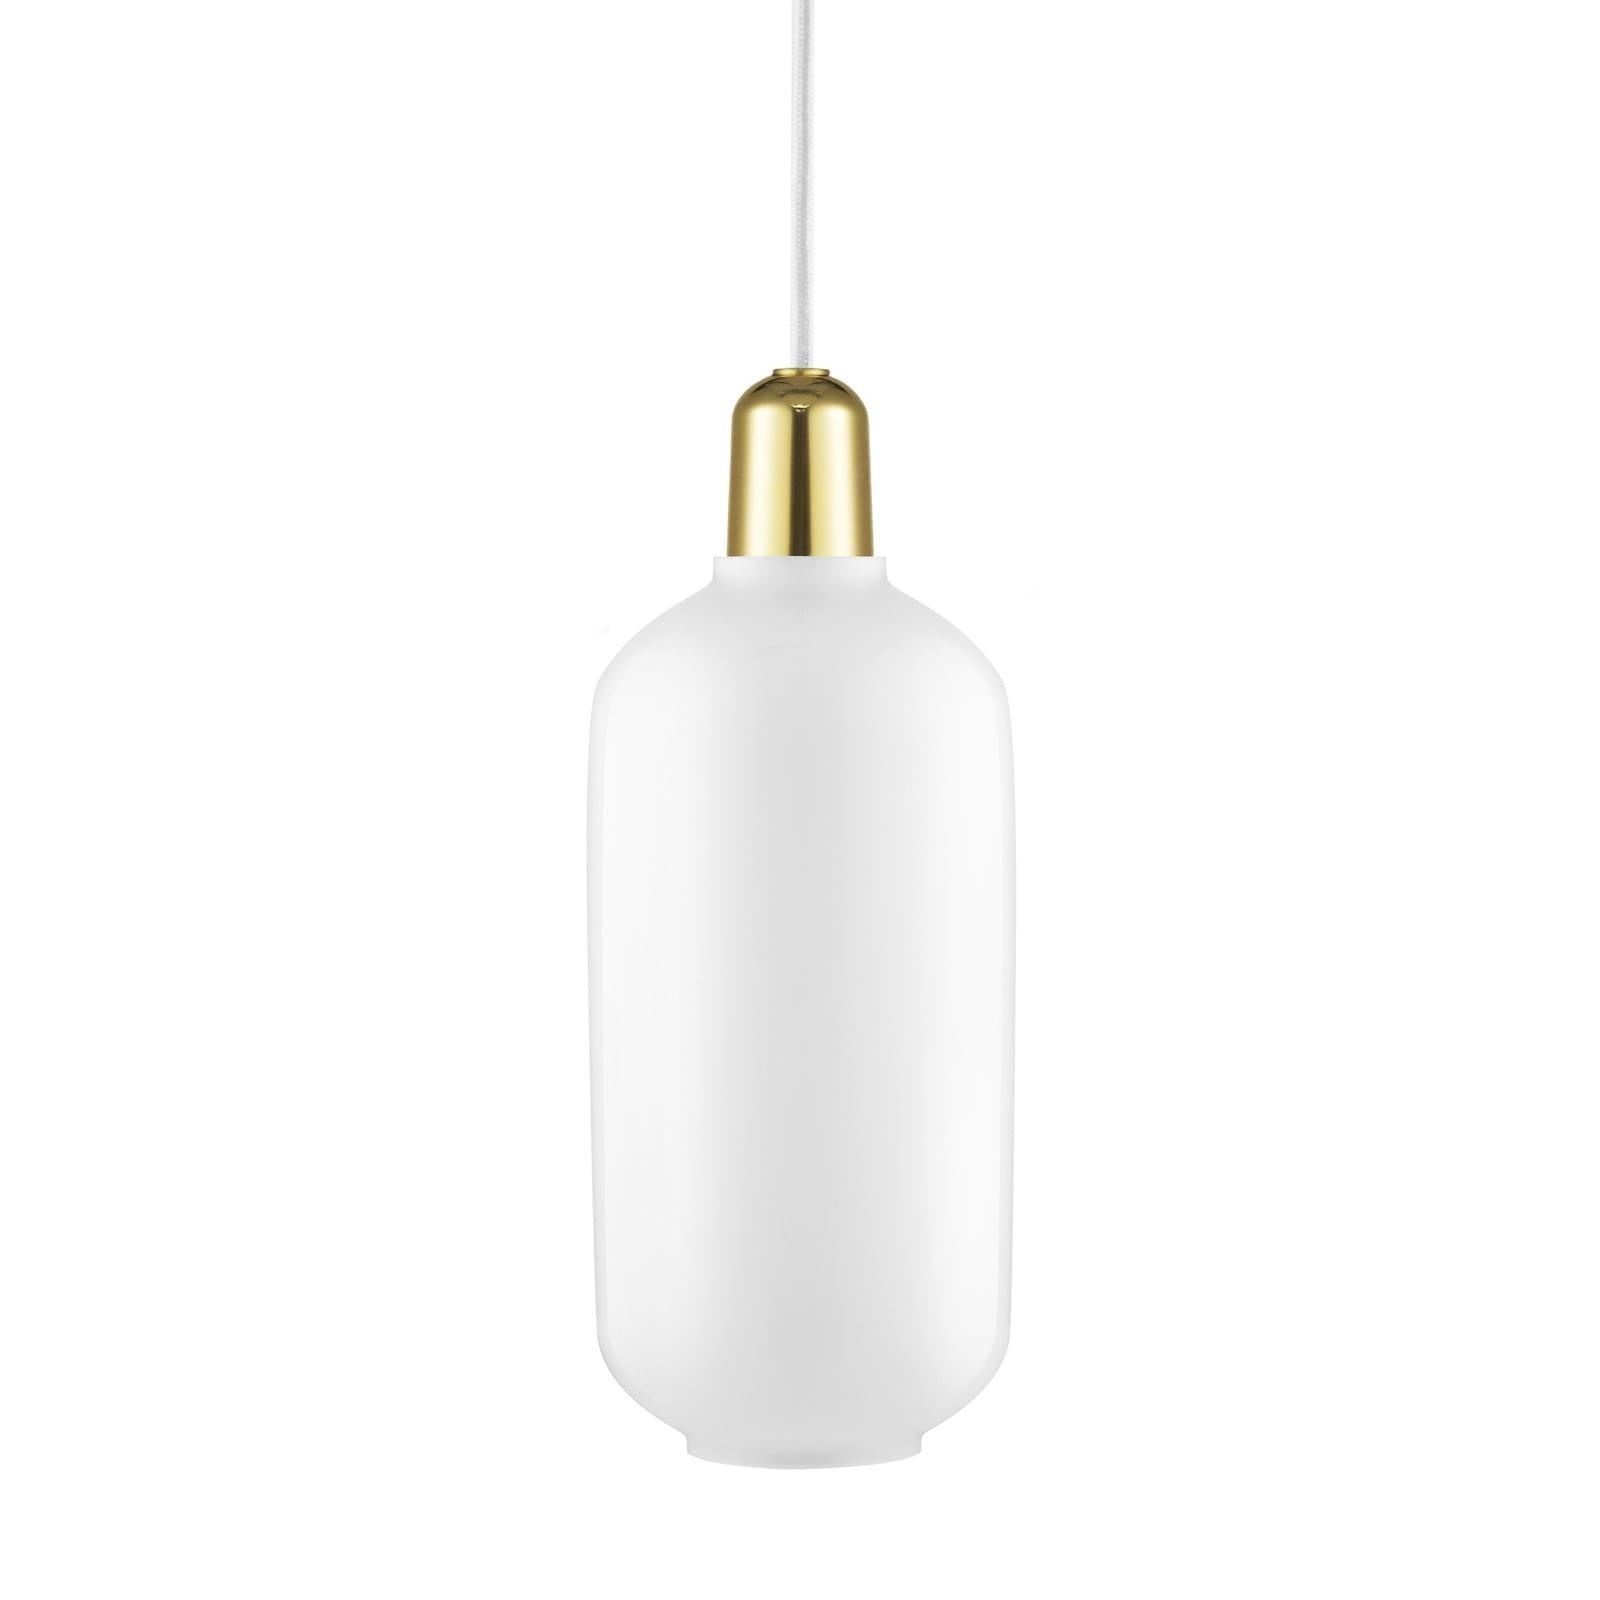 Amp Lamp Large (White / Brass) - Normann Copenhagen